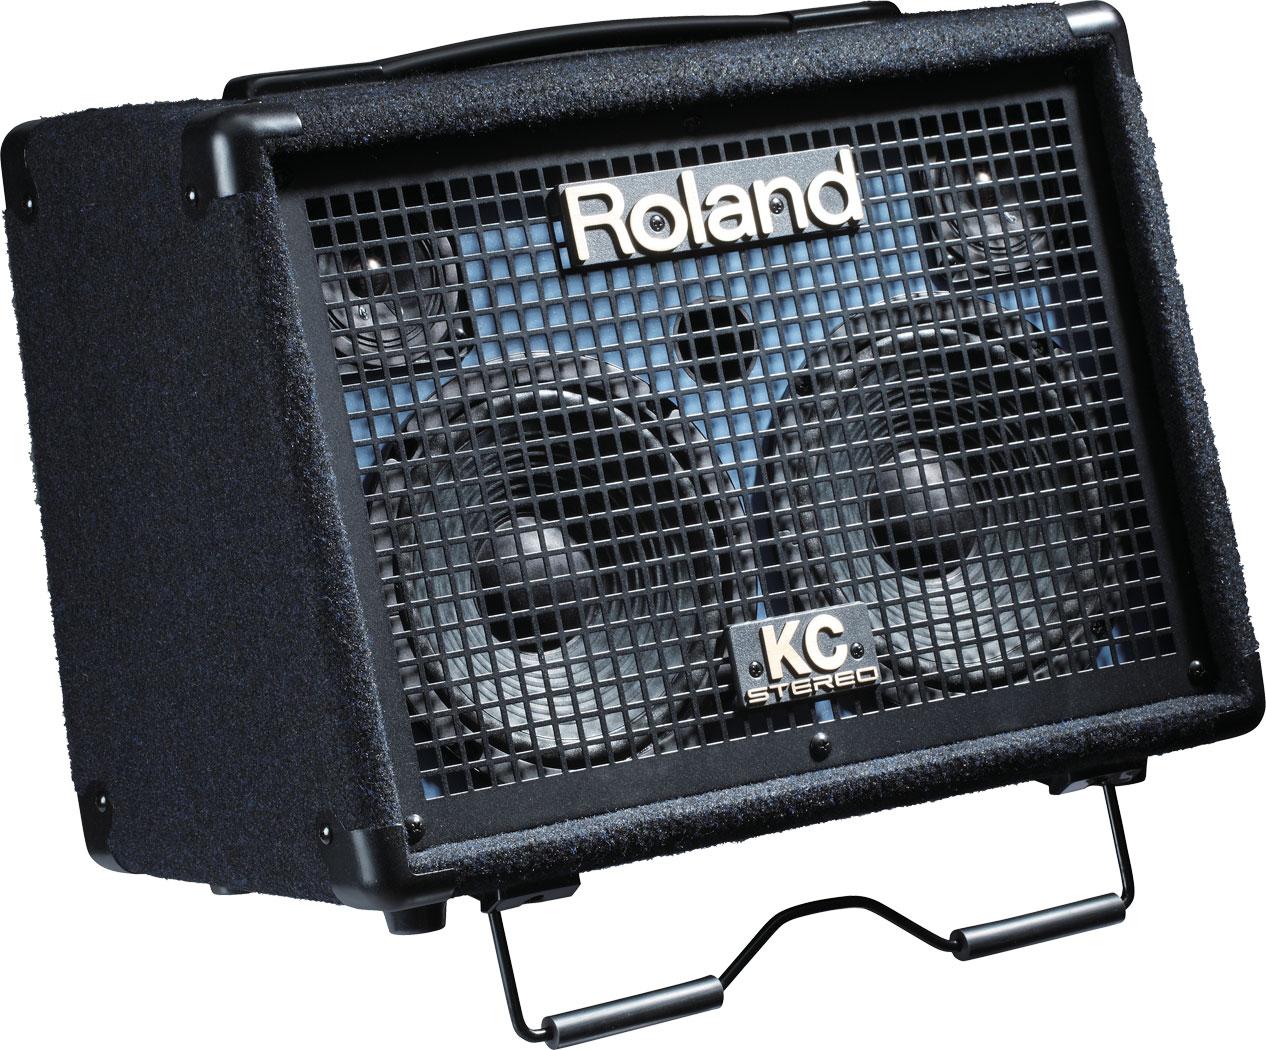 roland kc 110 stereo keyboard amplifier. Black Bedroom Furniture Sets. Home Design Ideas